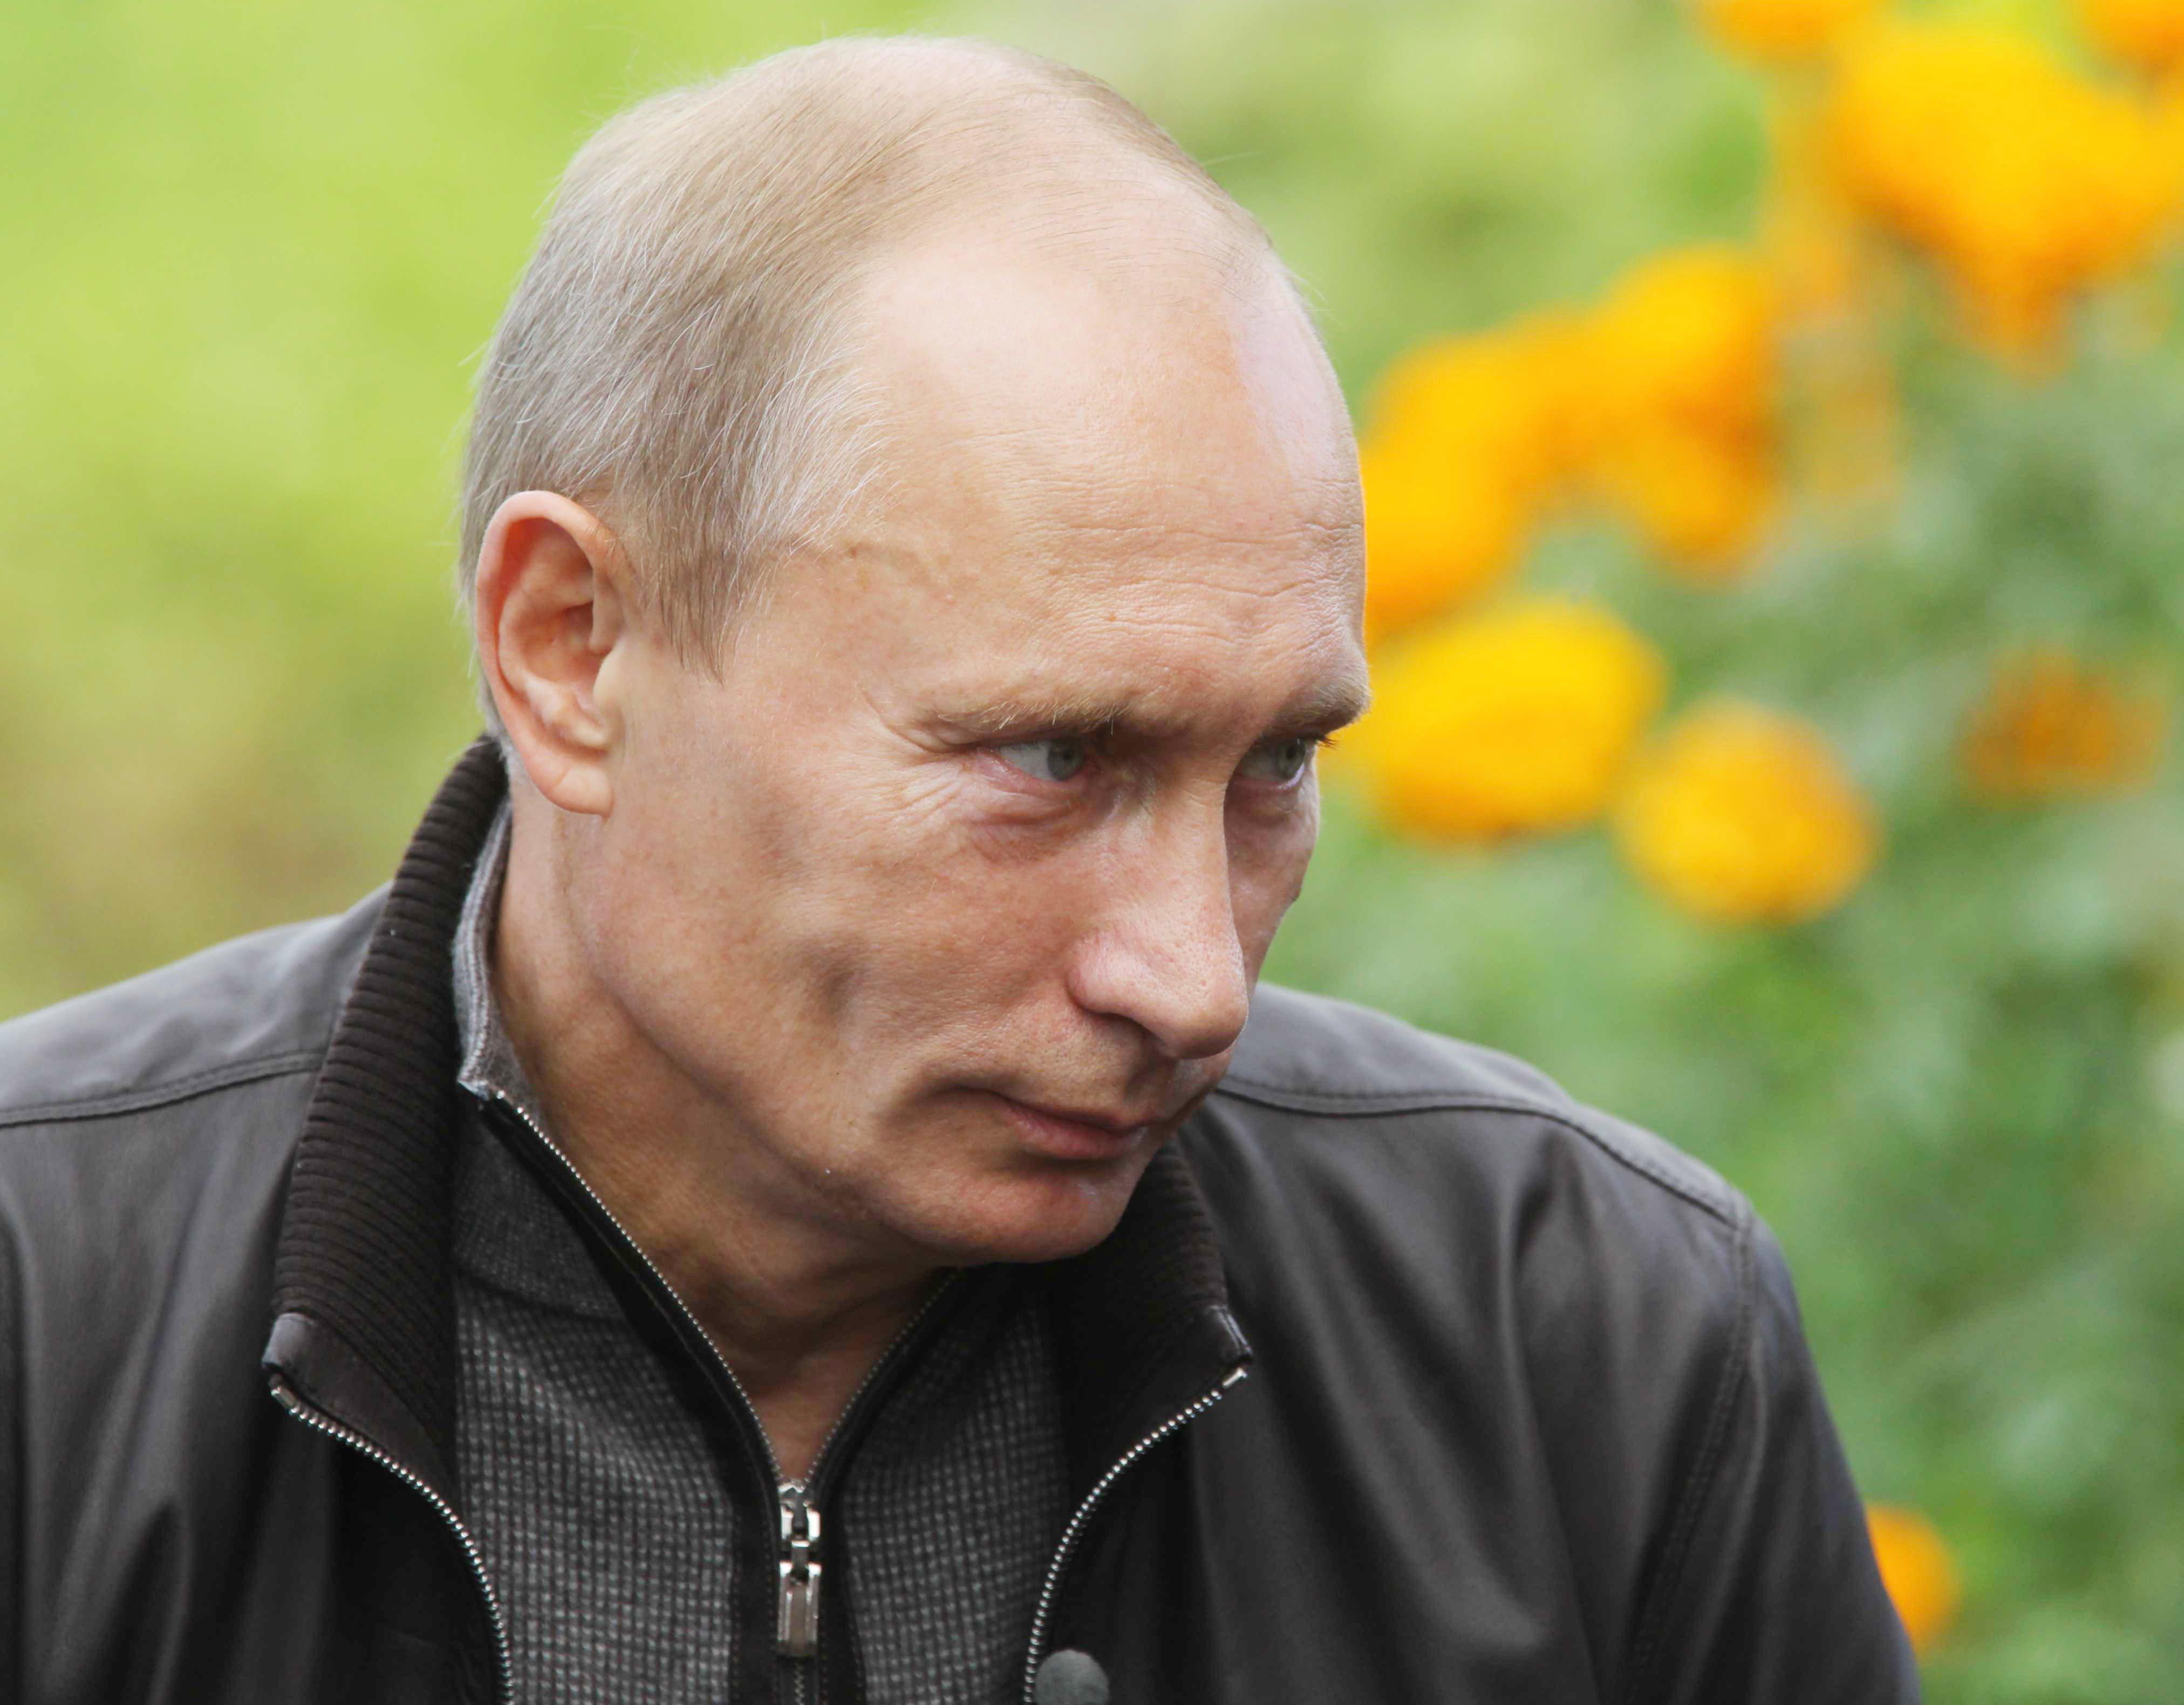 Ироничный Путин - фото с большим разрешением